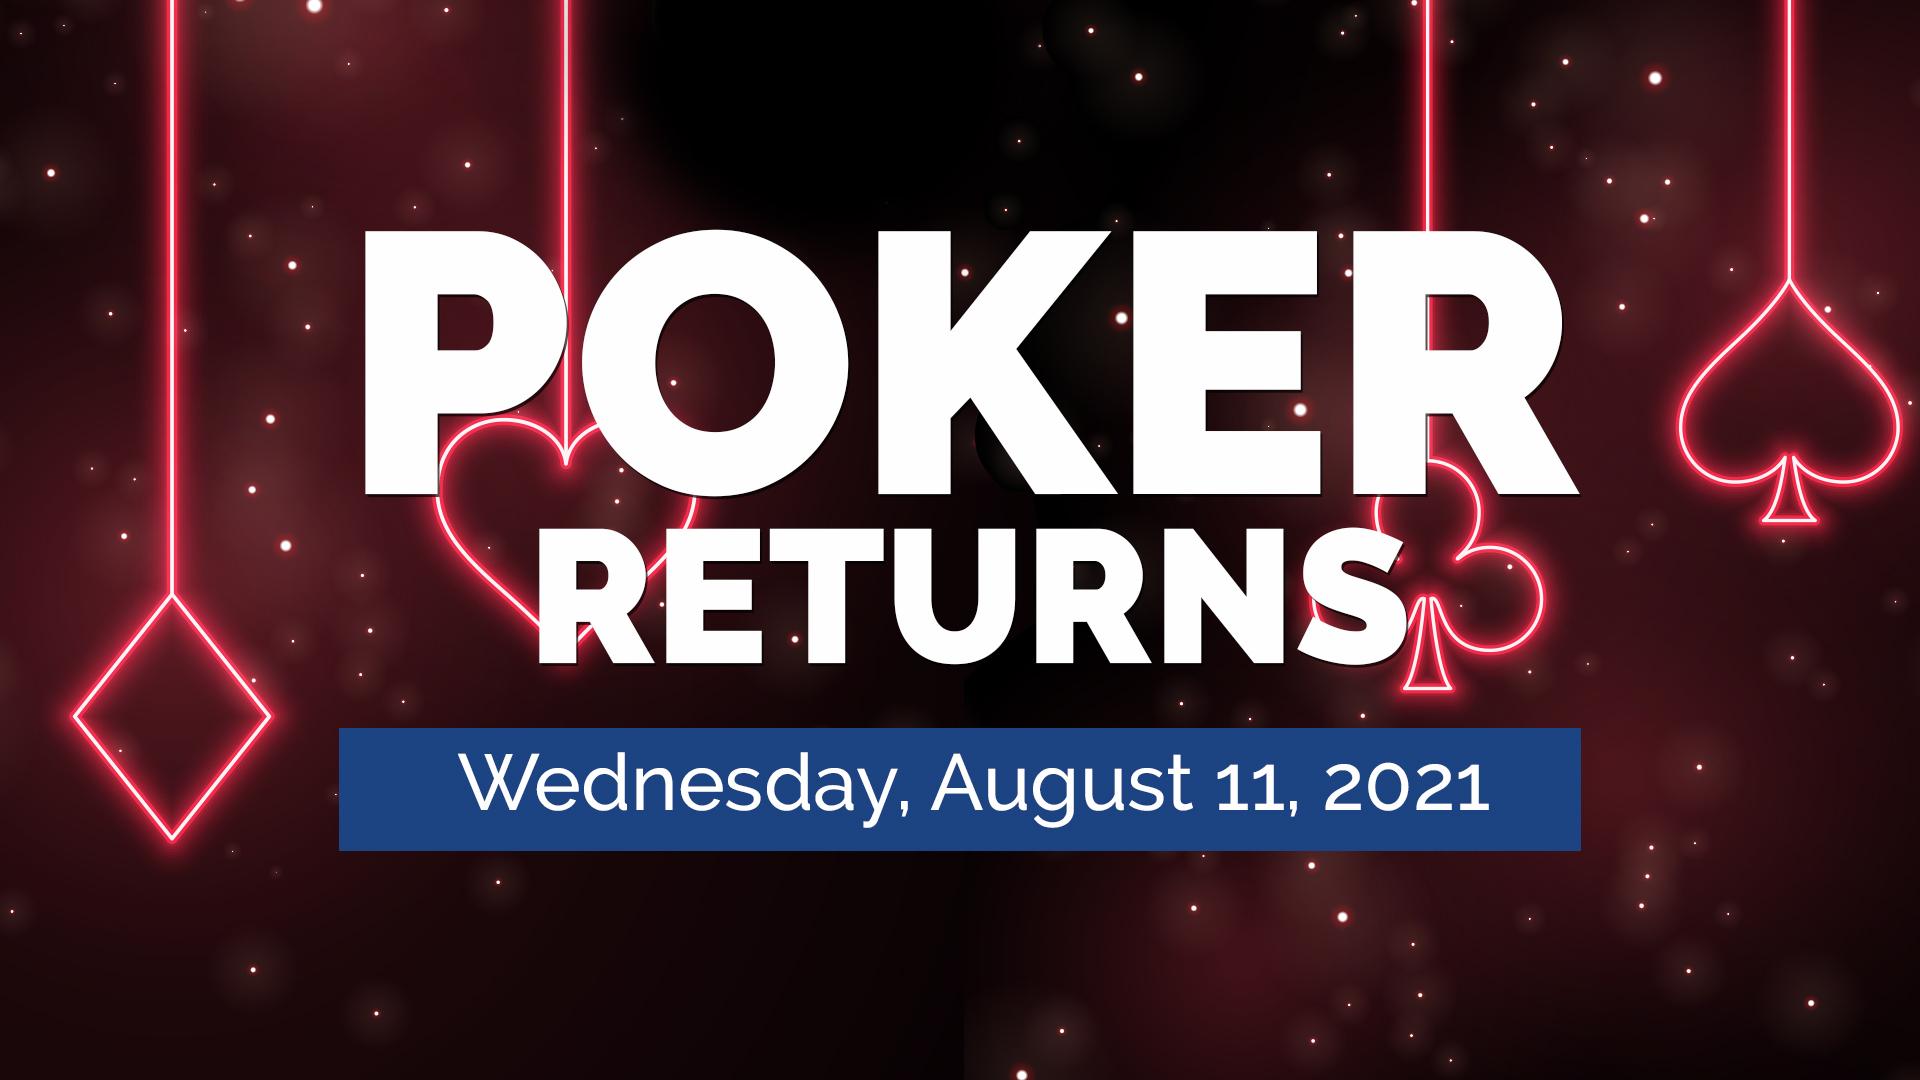 Poker Returns to Playground